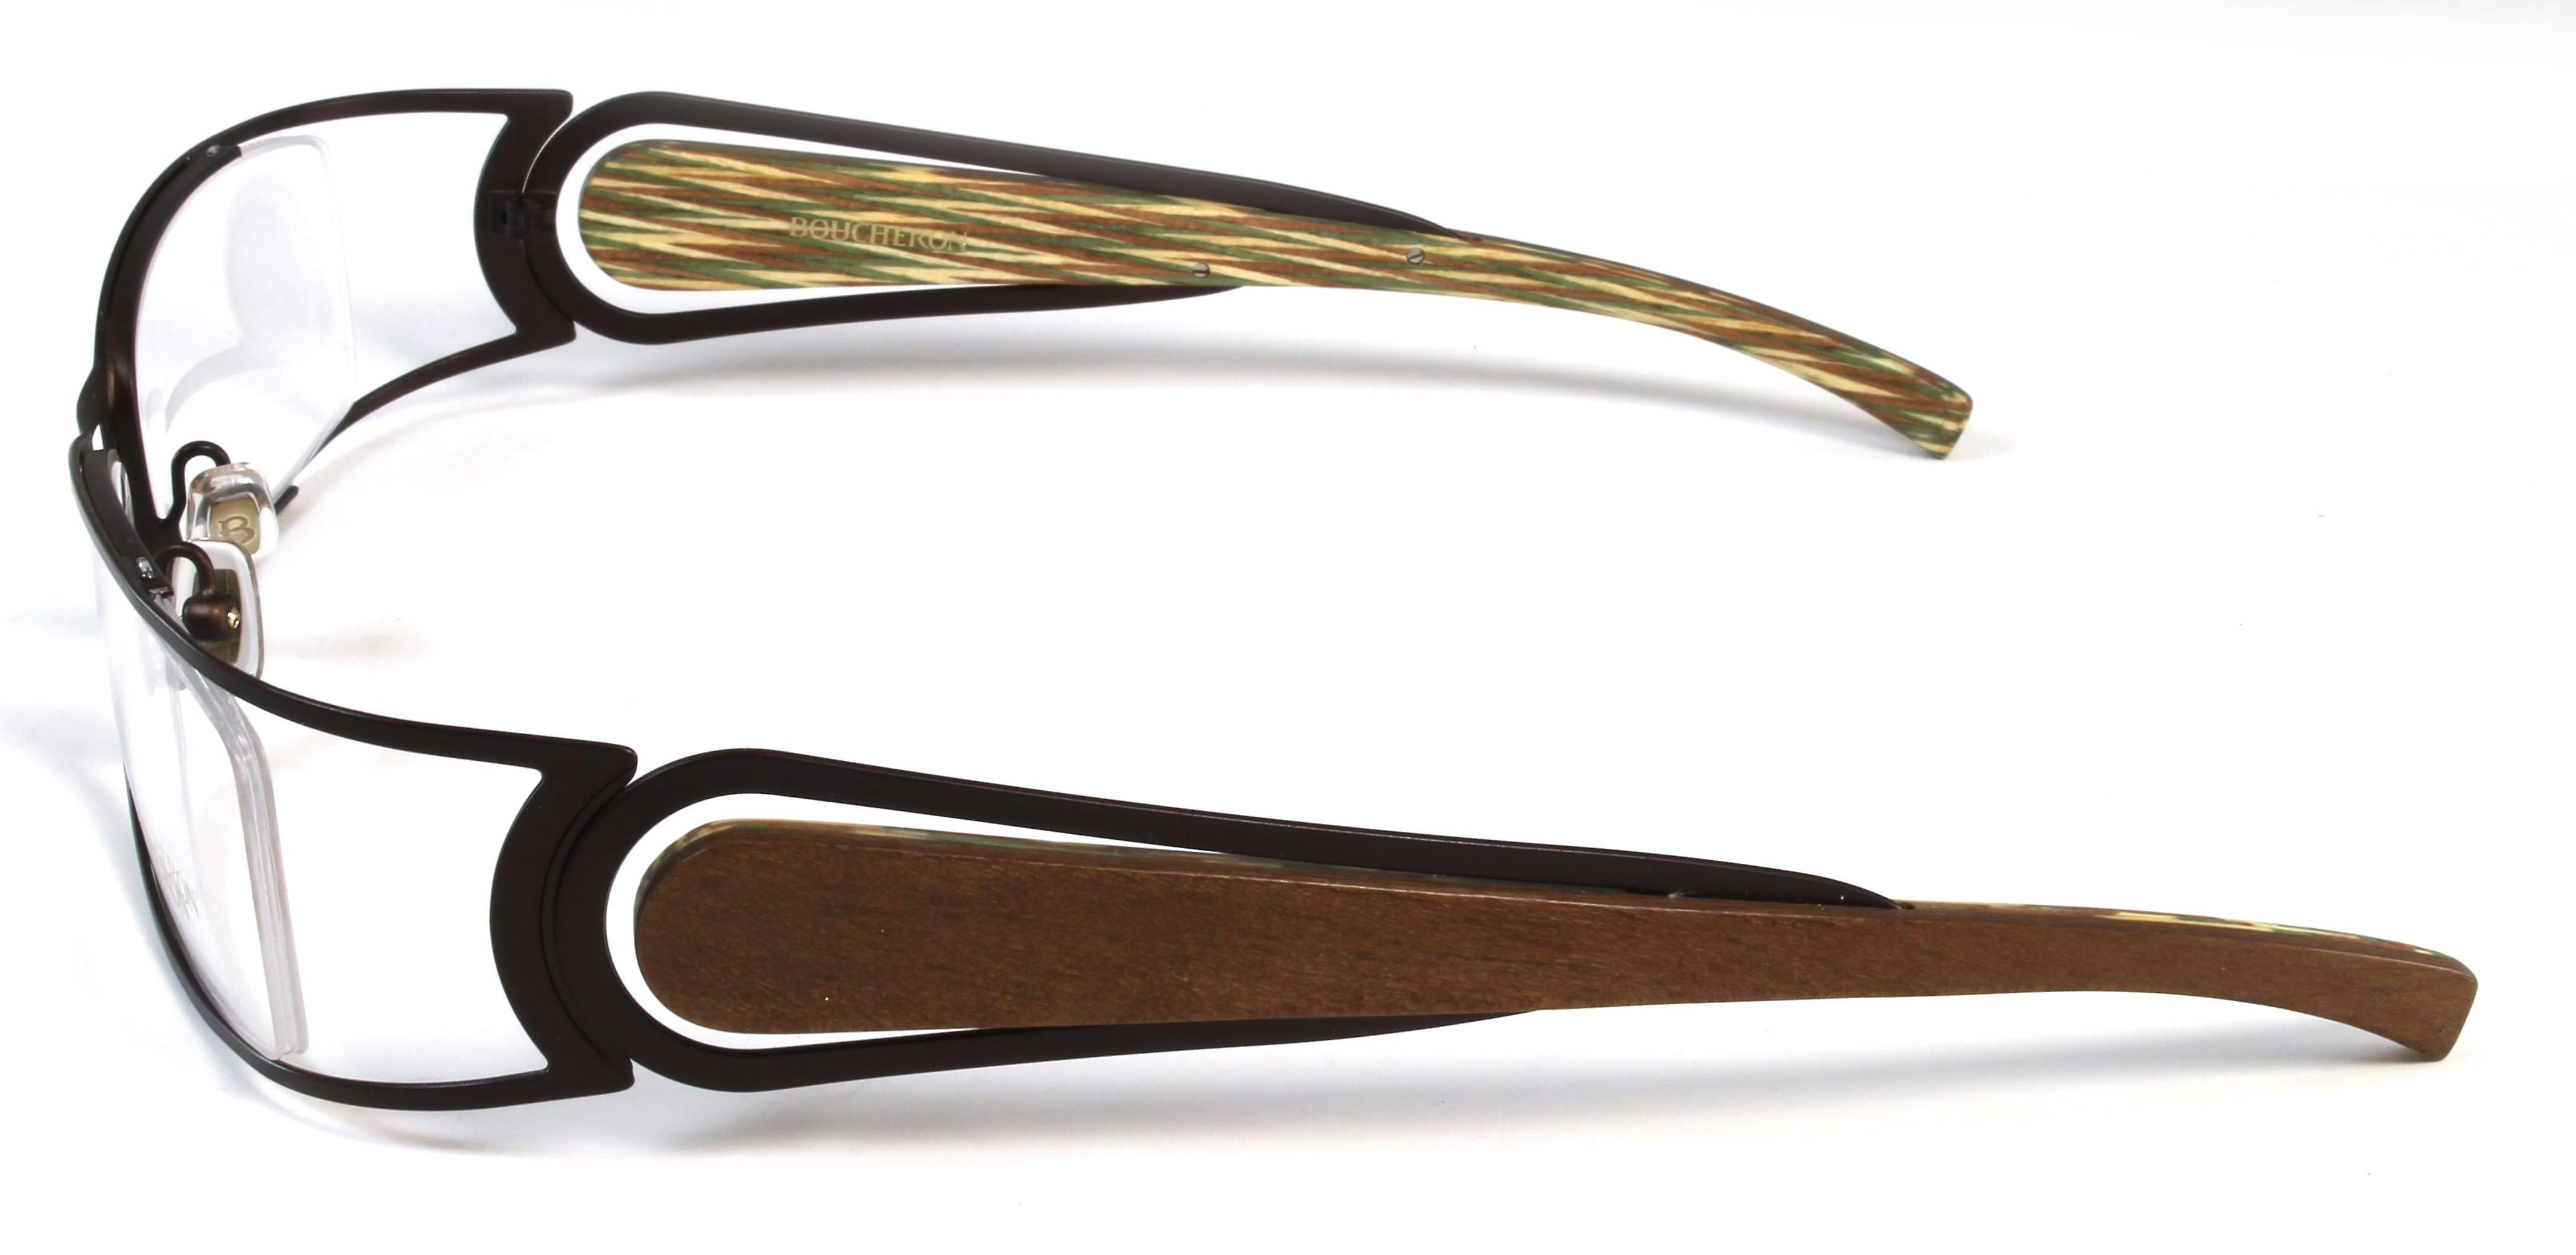 Boucheron Unisex Rectangular Rounded Eyeglasses Silver/Wood